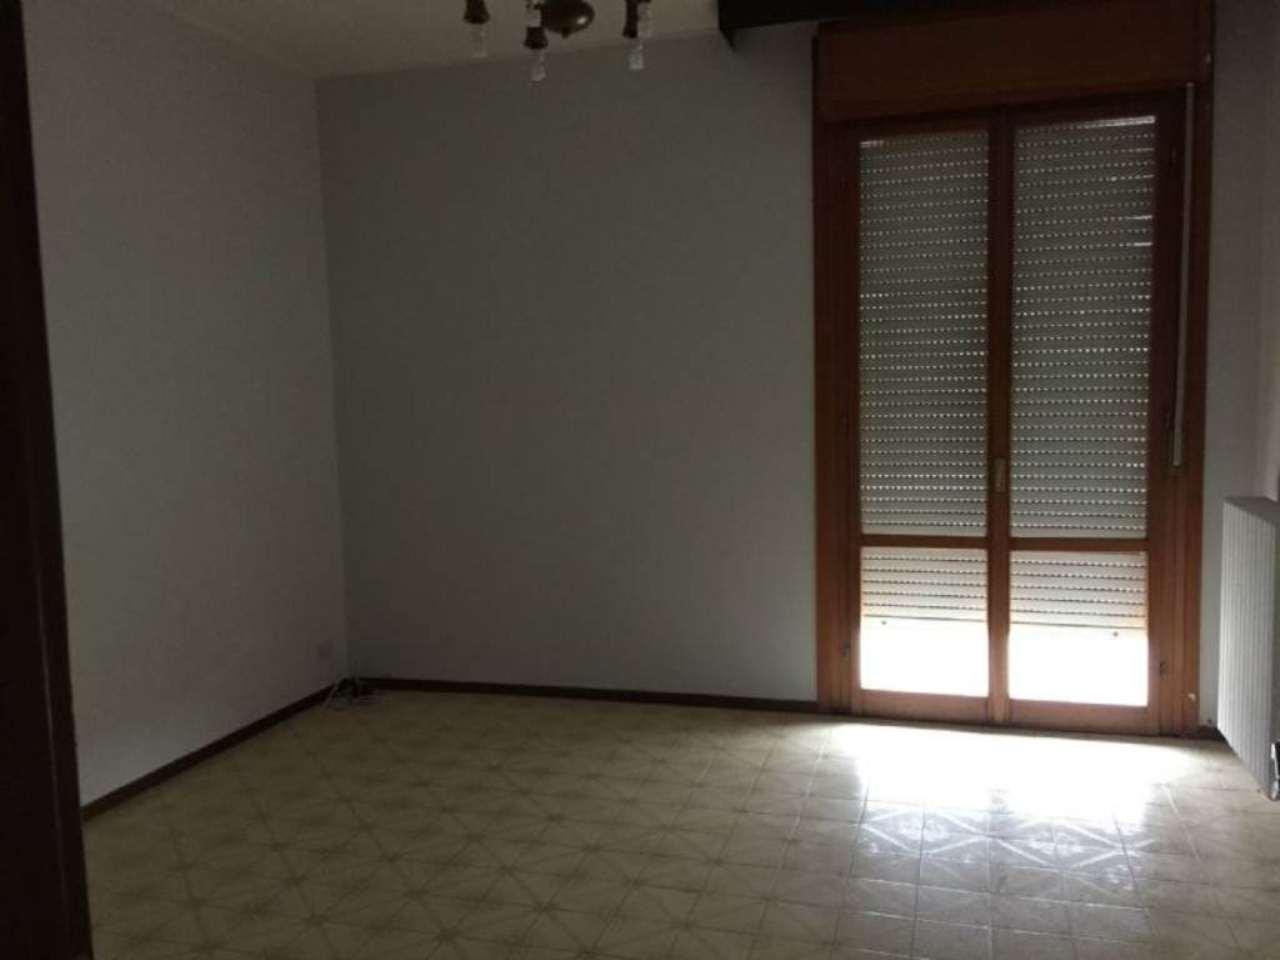 Appartamento in vendita a Viadana, 3 locali, prezzo € 58.000 | Cambio Casa.it